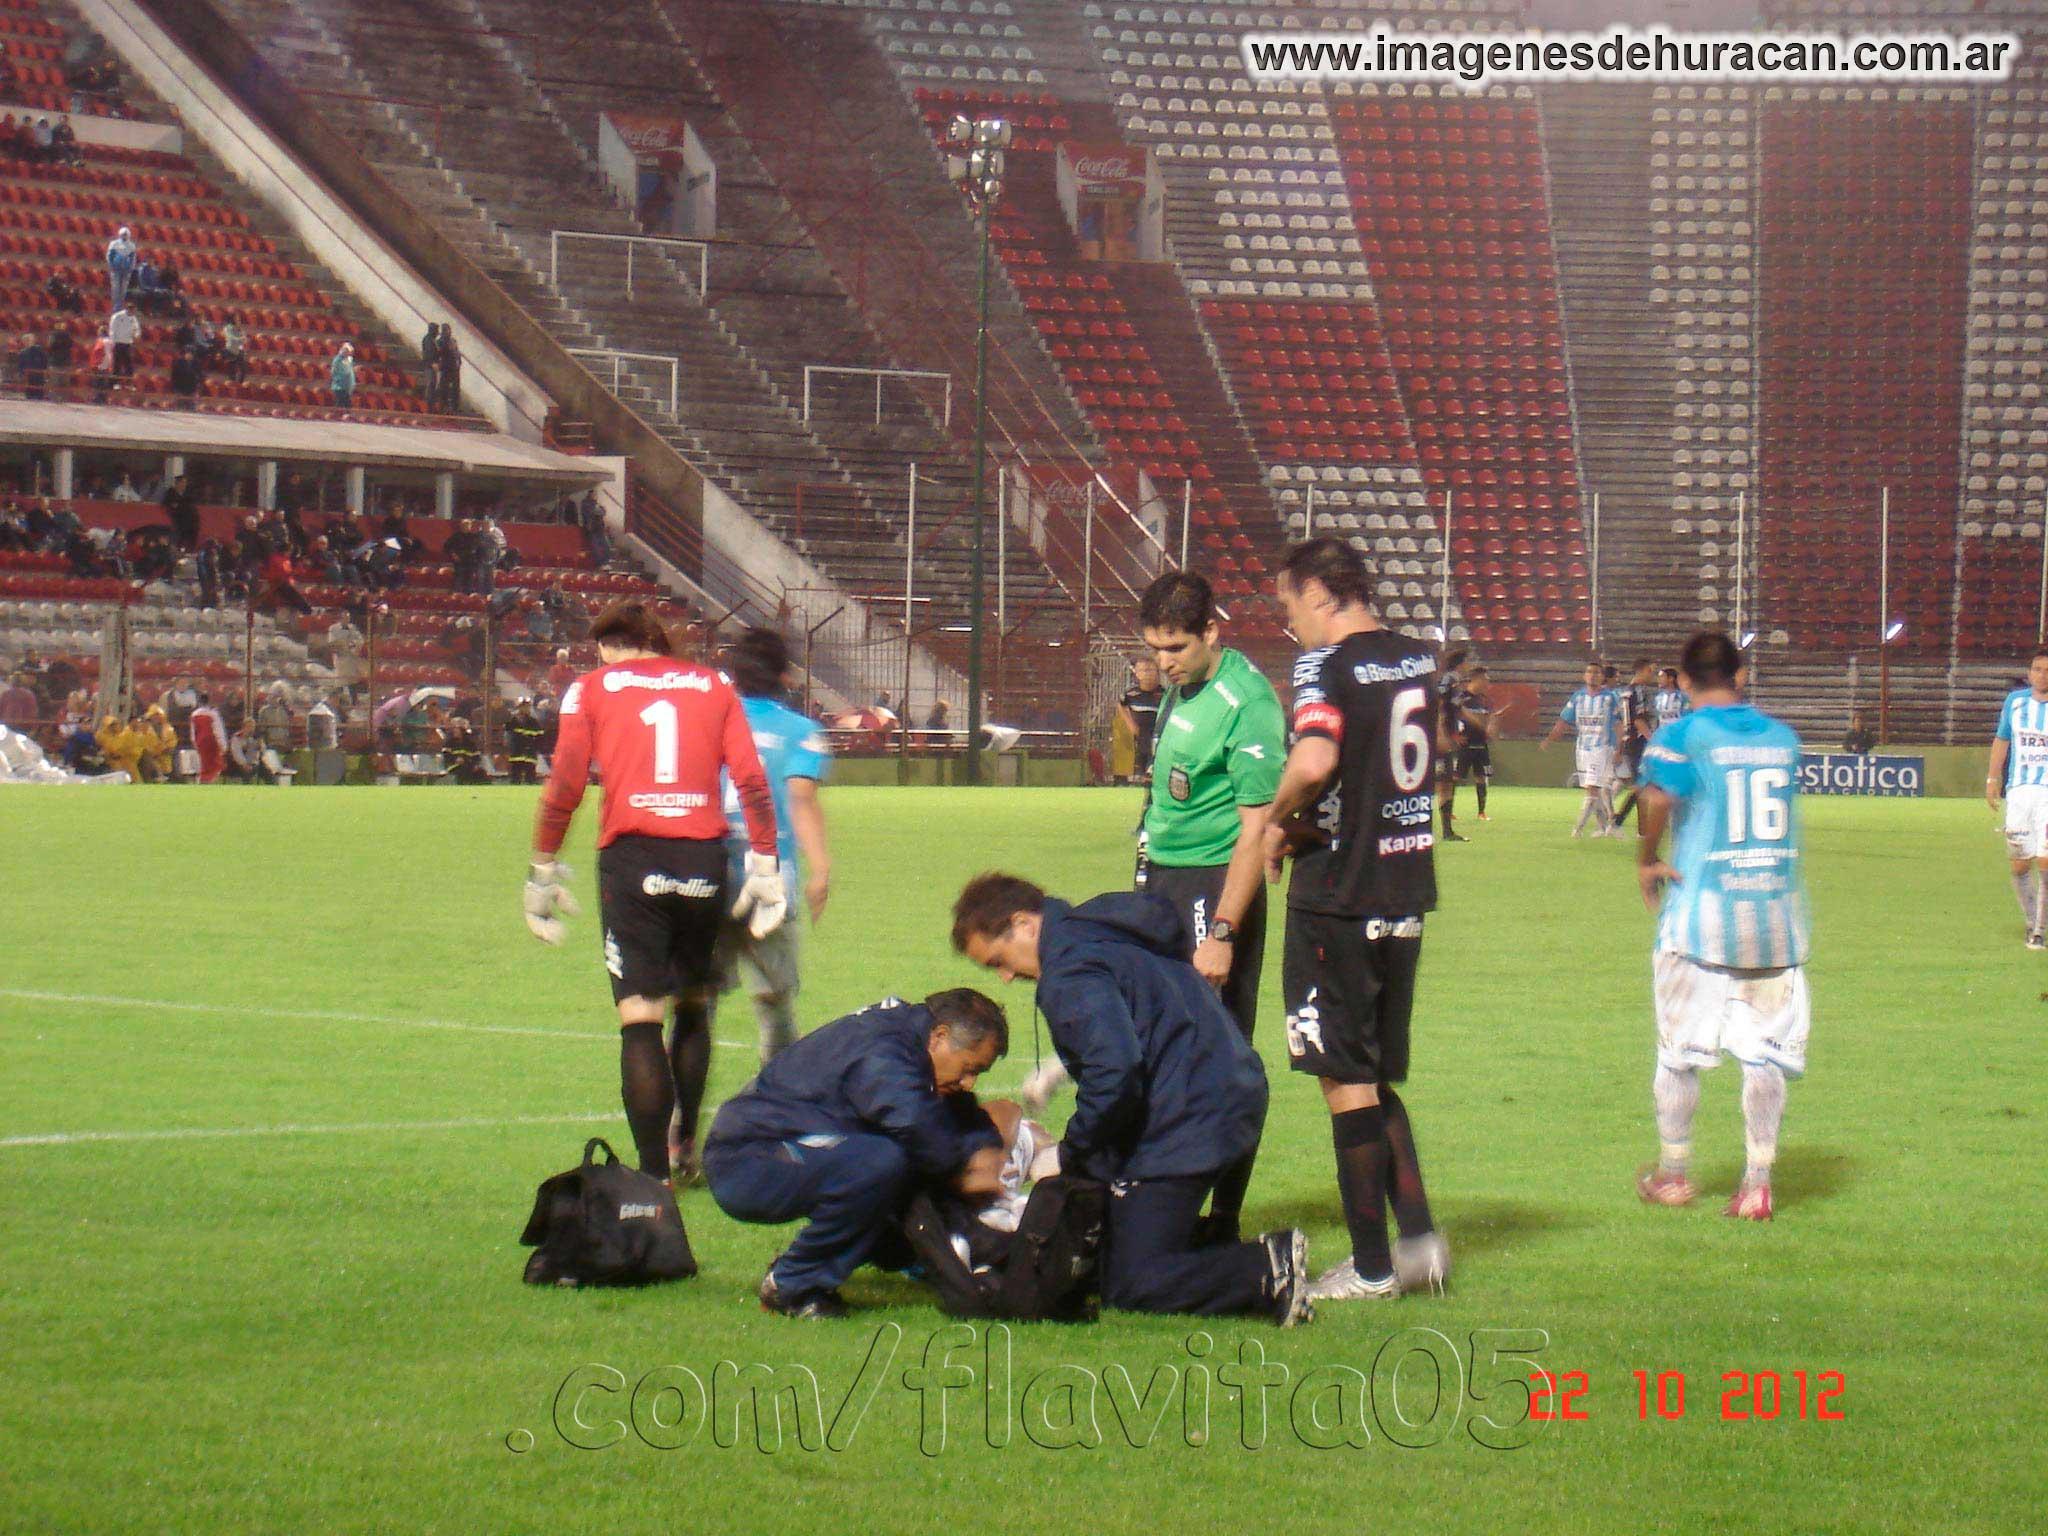 Huracán vs atlético Tucumán fecha 11 nacional B 2012-2013